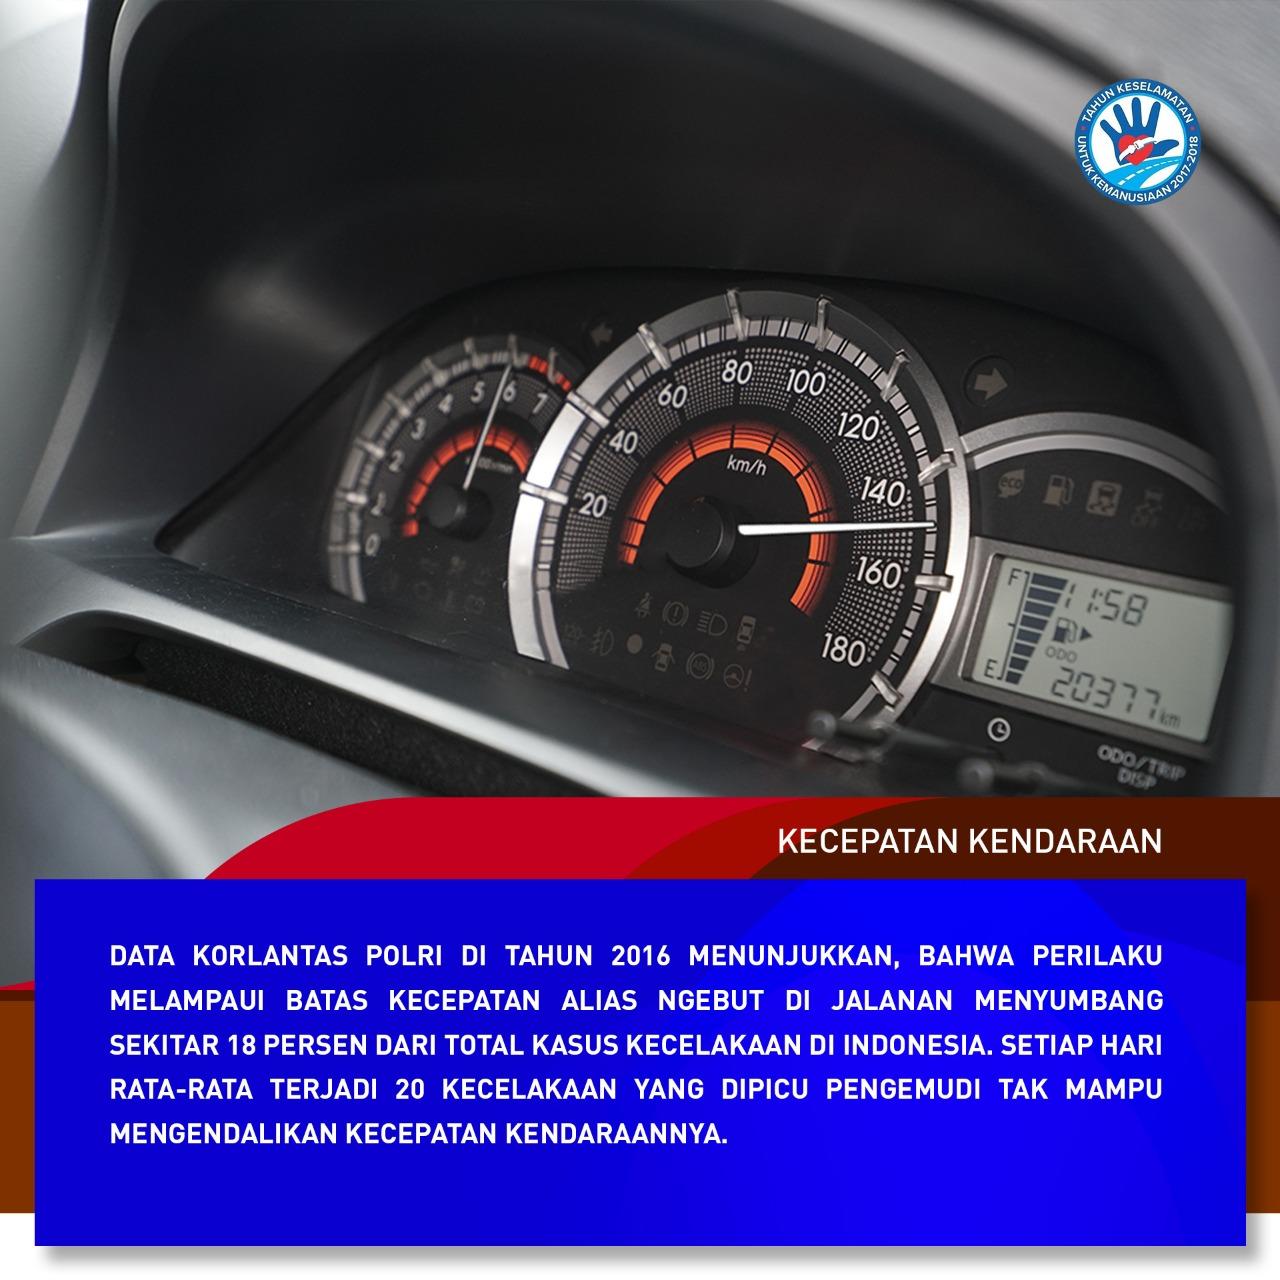 Perhatikan Kecepatan Kendaraan Anda pada Saat Berkendaraan